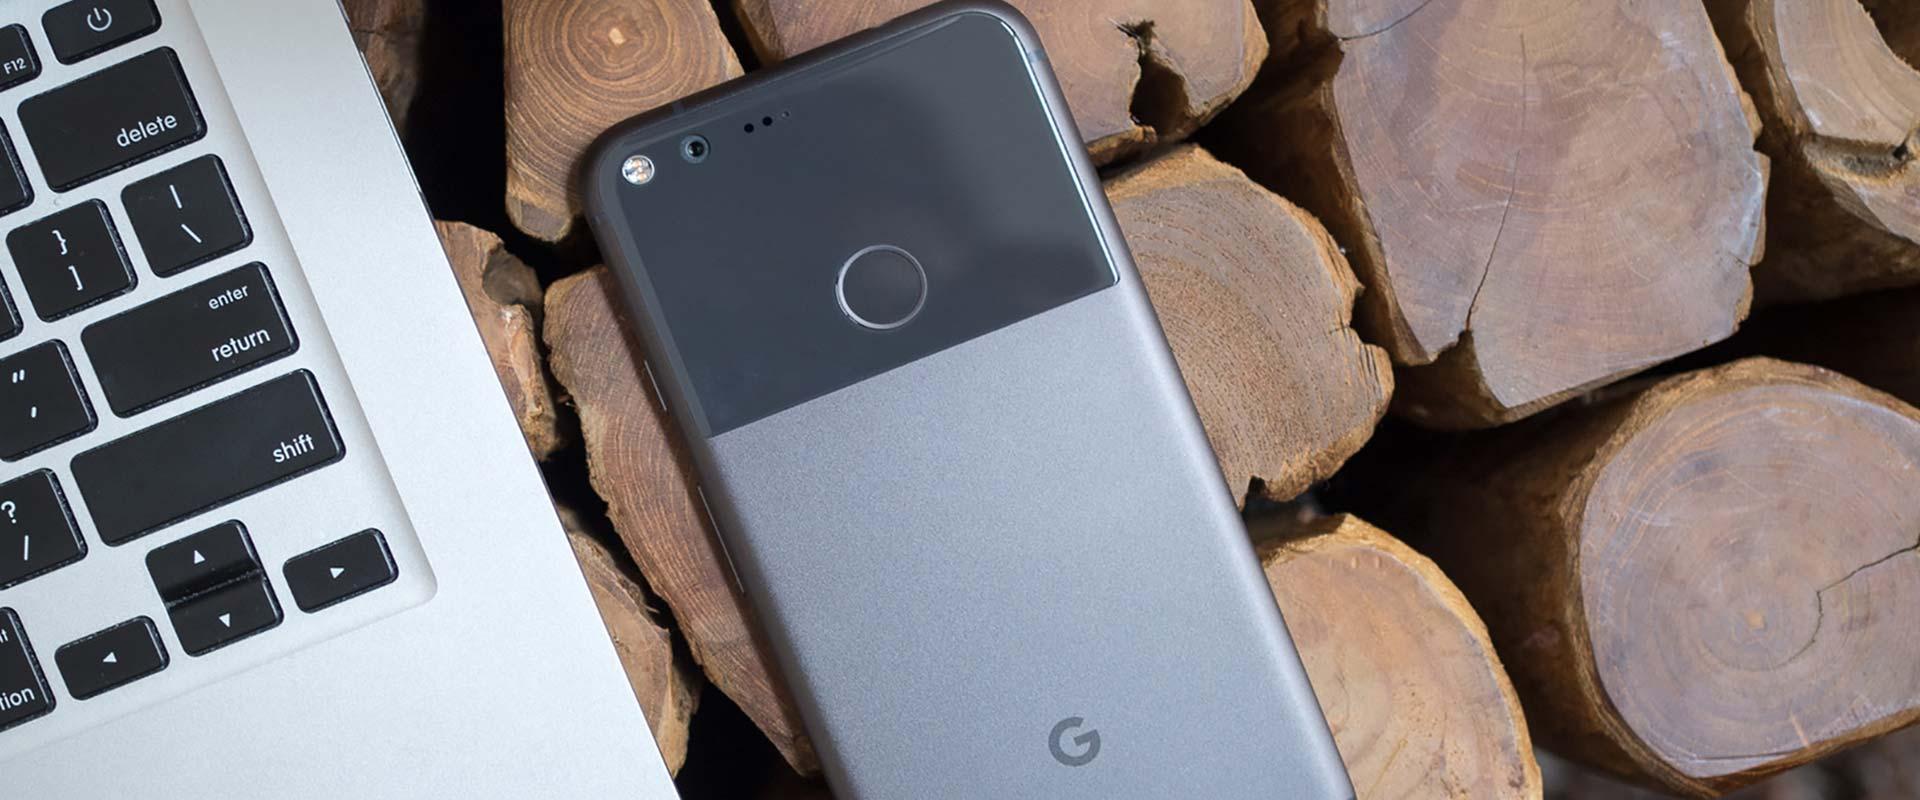 بررسی گوشی موبایل پیکسل ایکس ال از گوگل